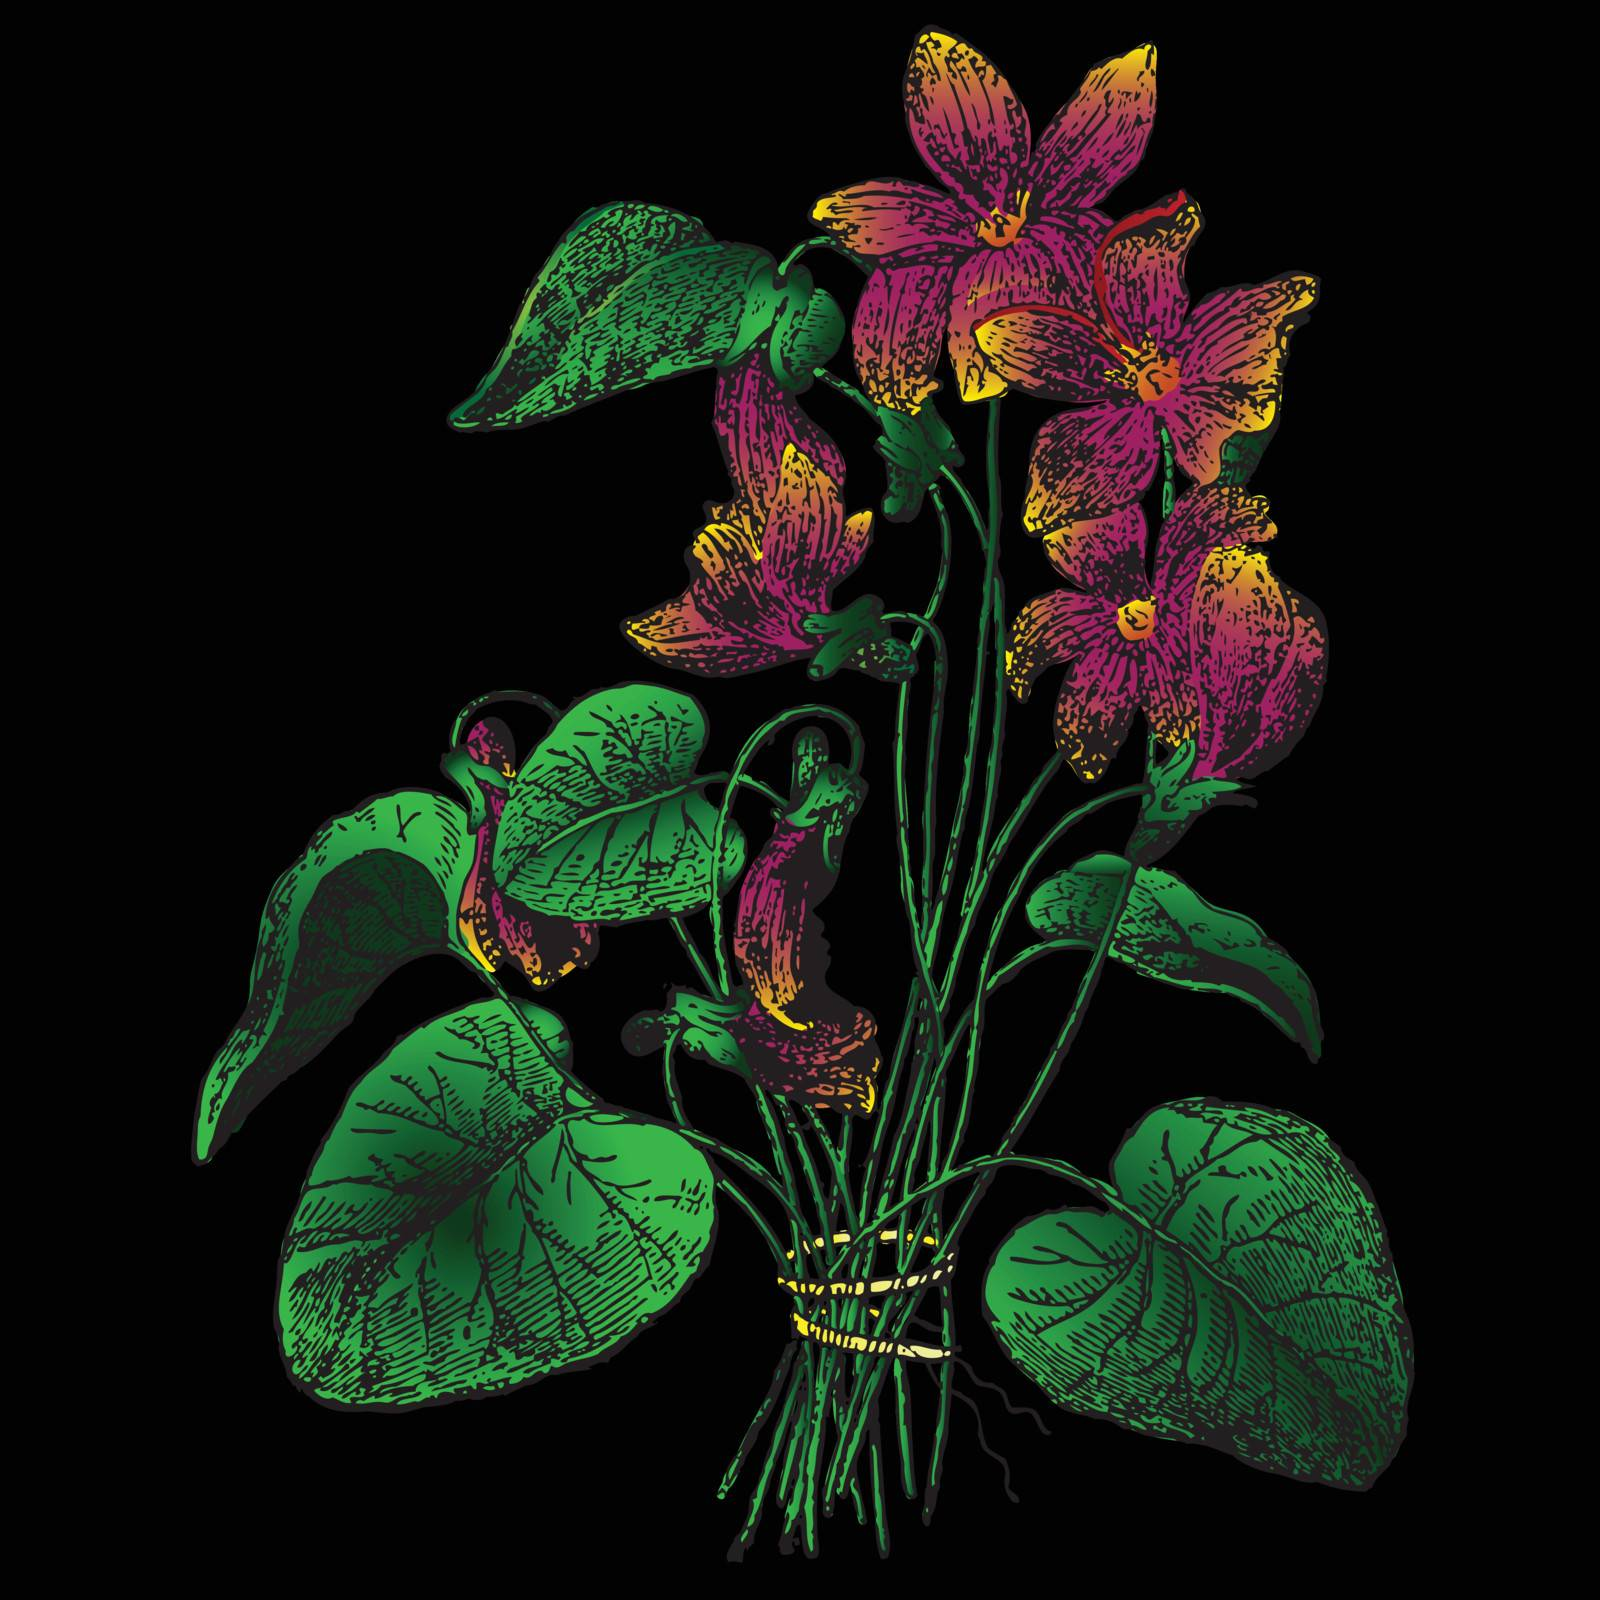 Figure violets on a black background. Vector illustration.